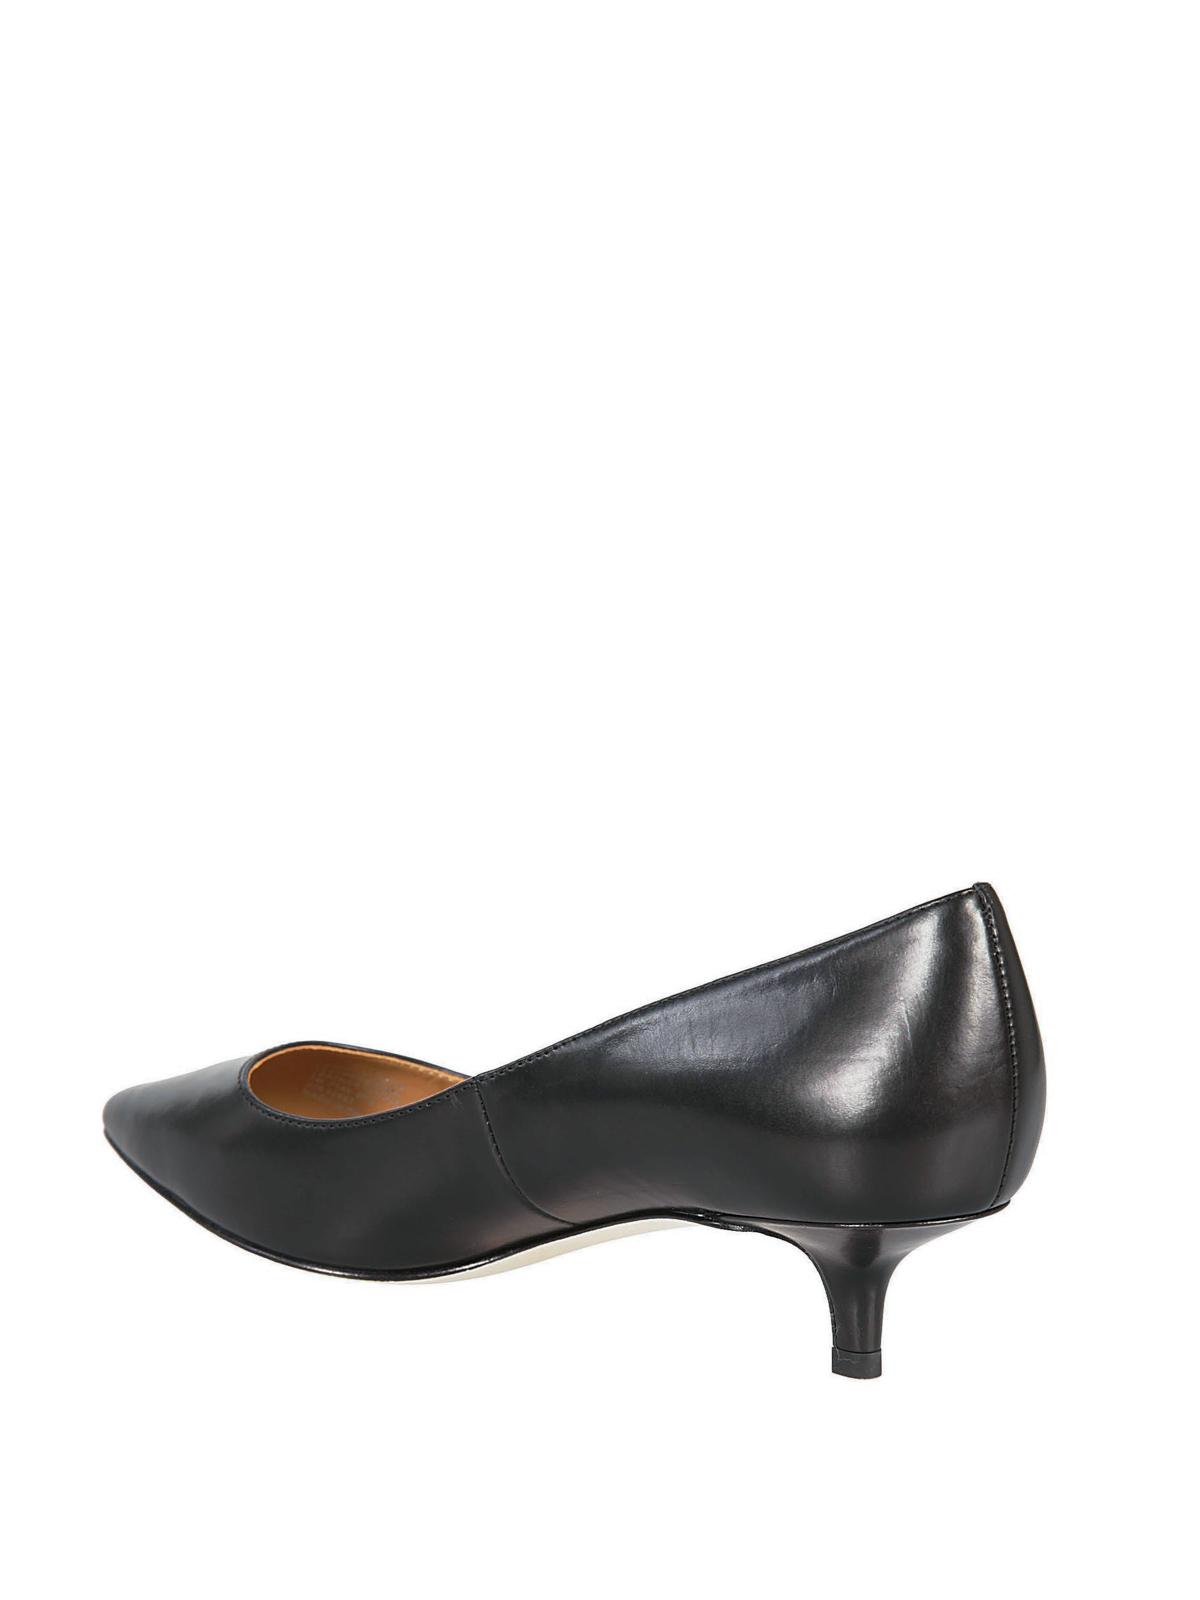 703982359 Tory Burch - Elizabeth leather pumps - court shoes - 32453001 ...